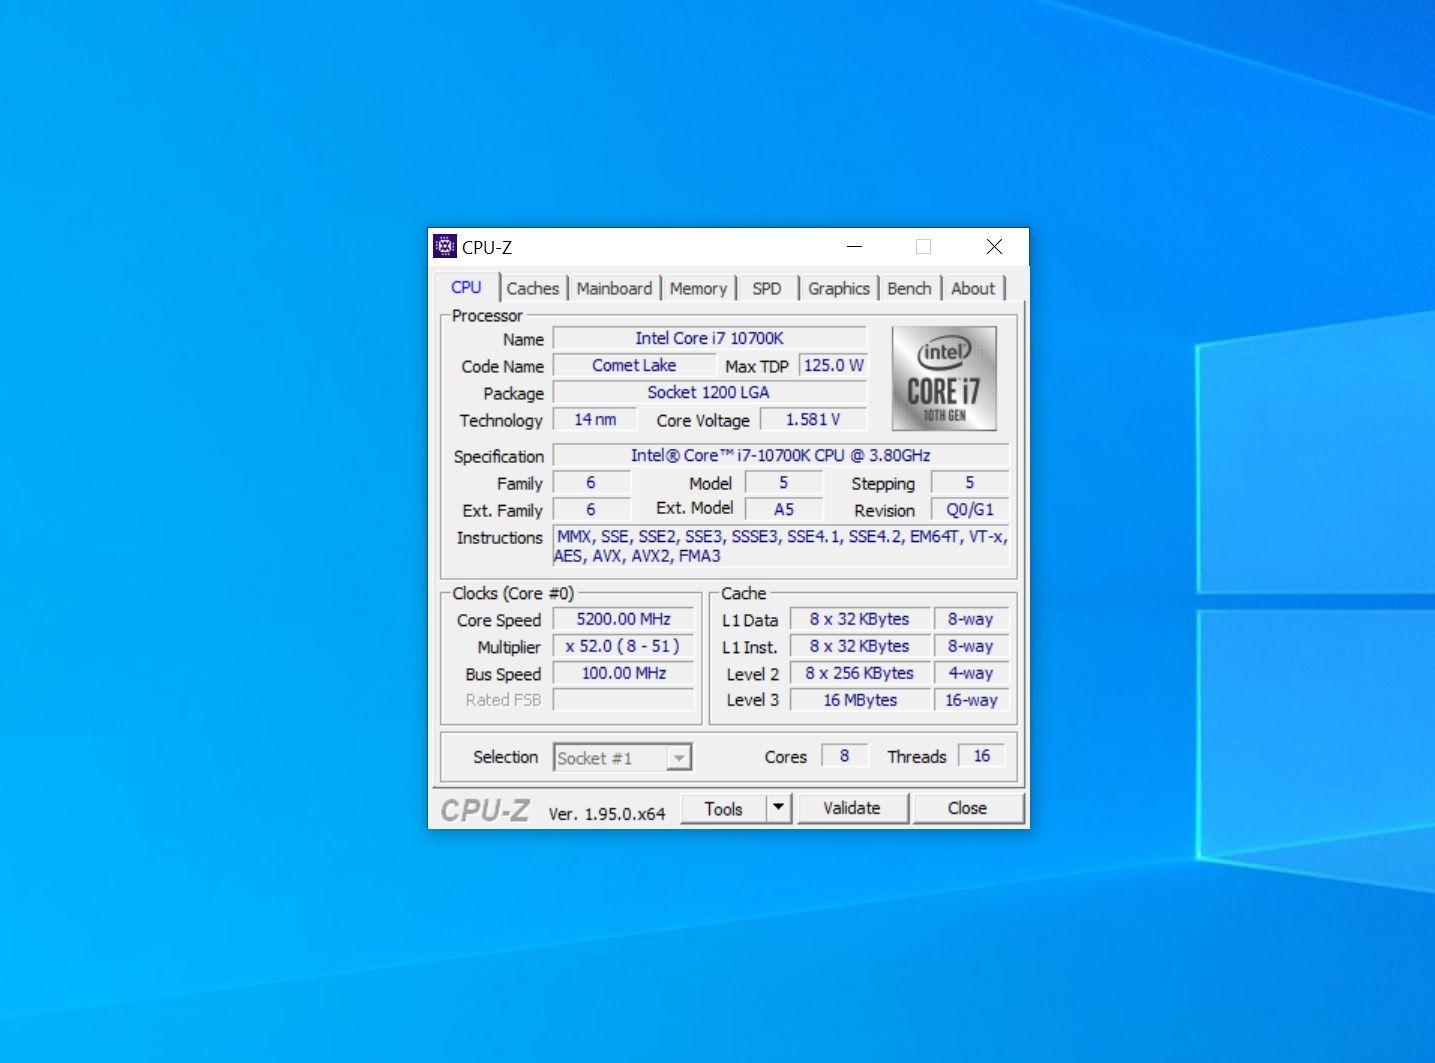 10700k 5200 Mhz